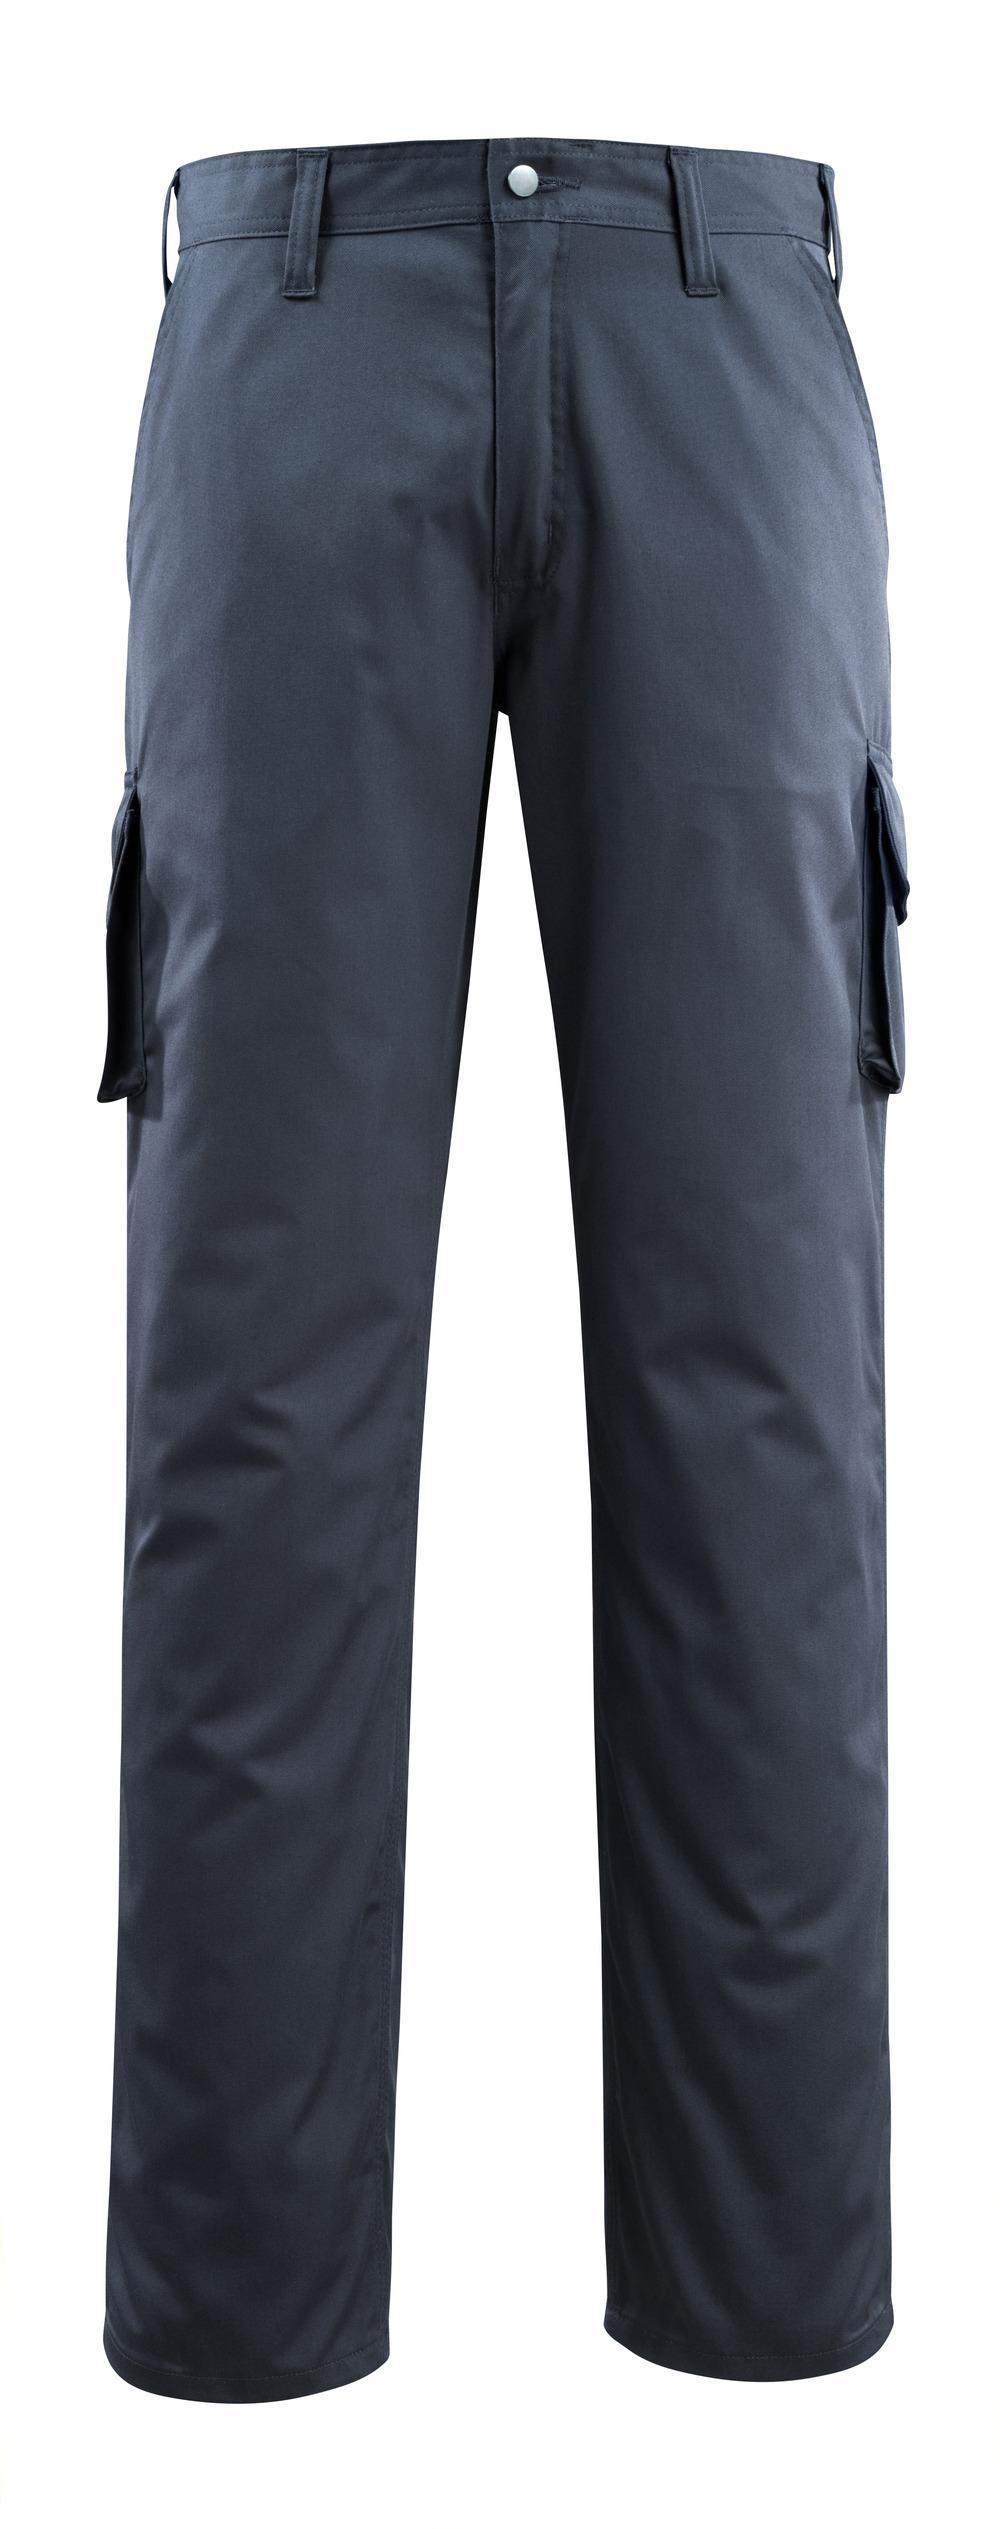 14779-850-010 Byxor med lårfickor - mörk marin